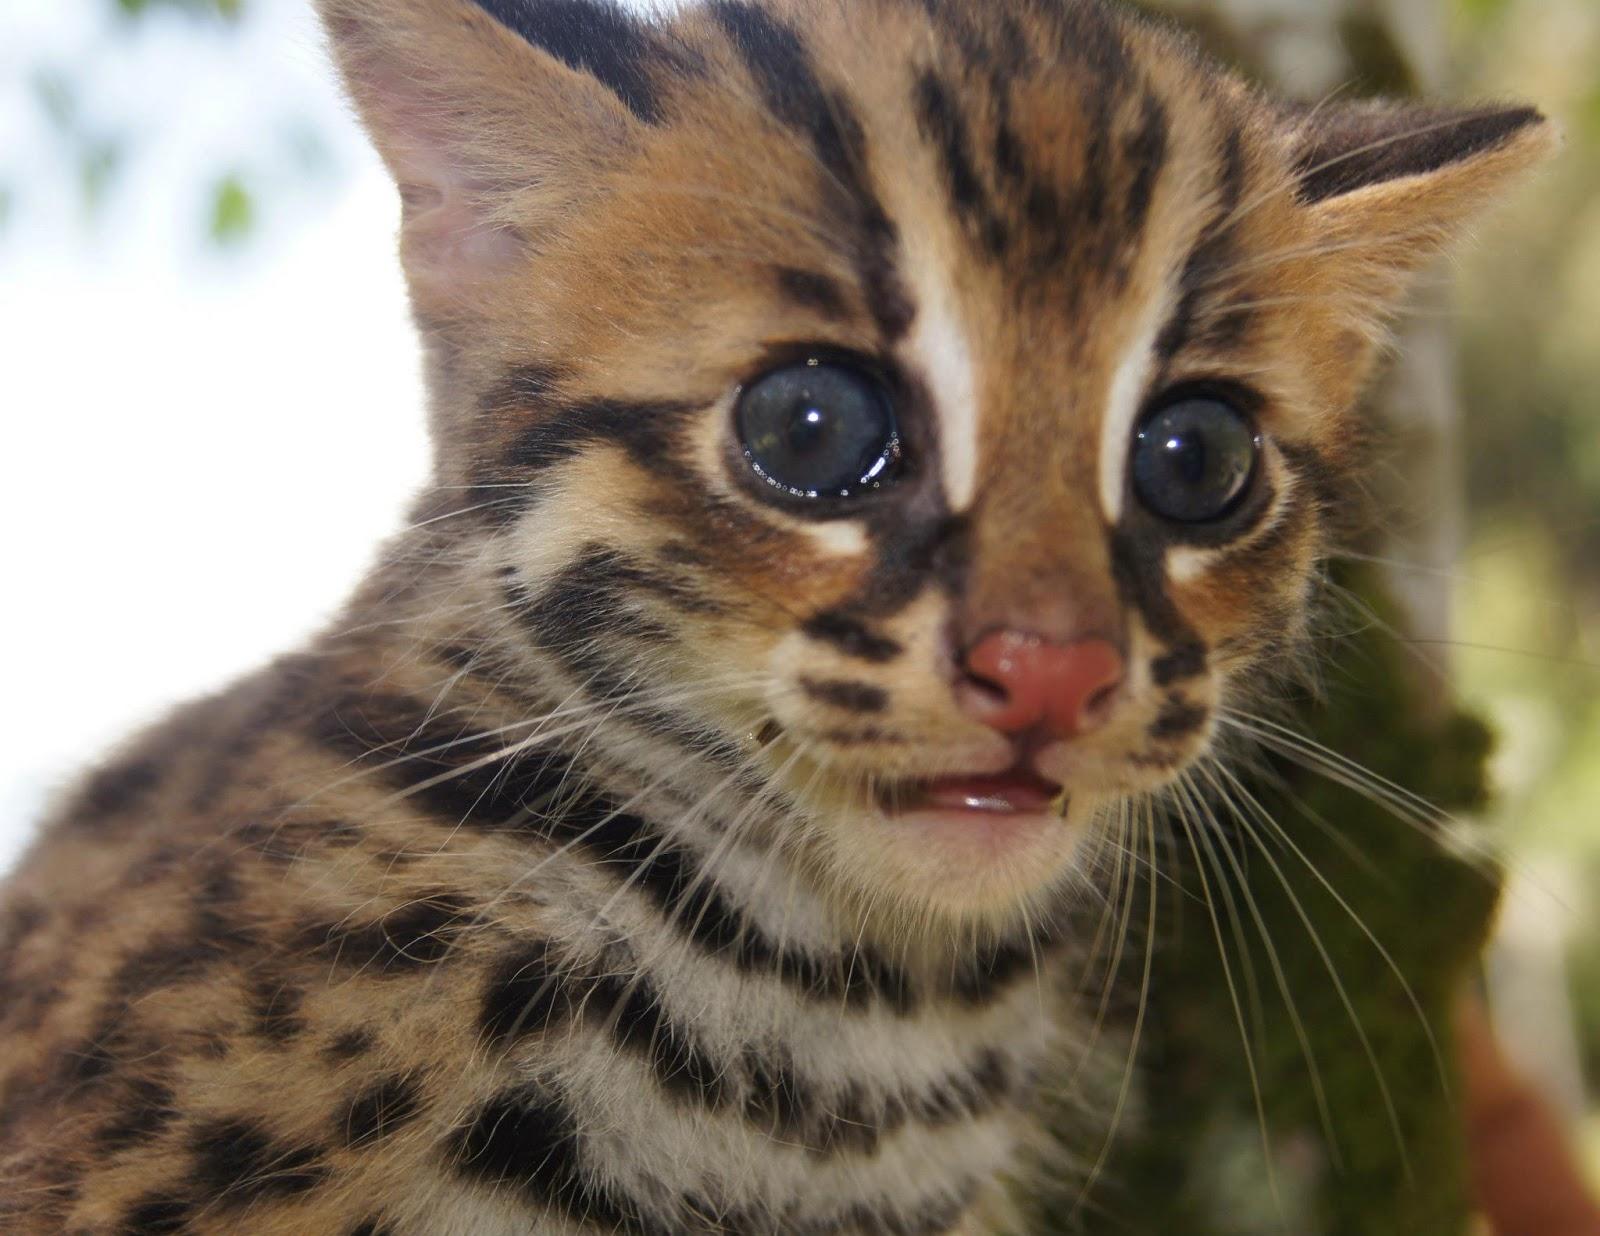 Wallpaper Kucing Terkejut Laman Husna Anak Kucing Batu